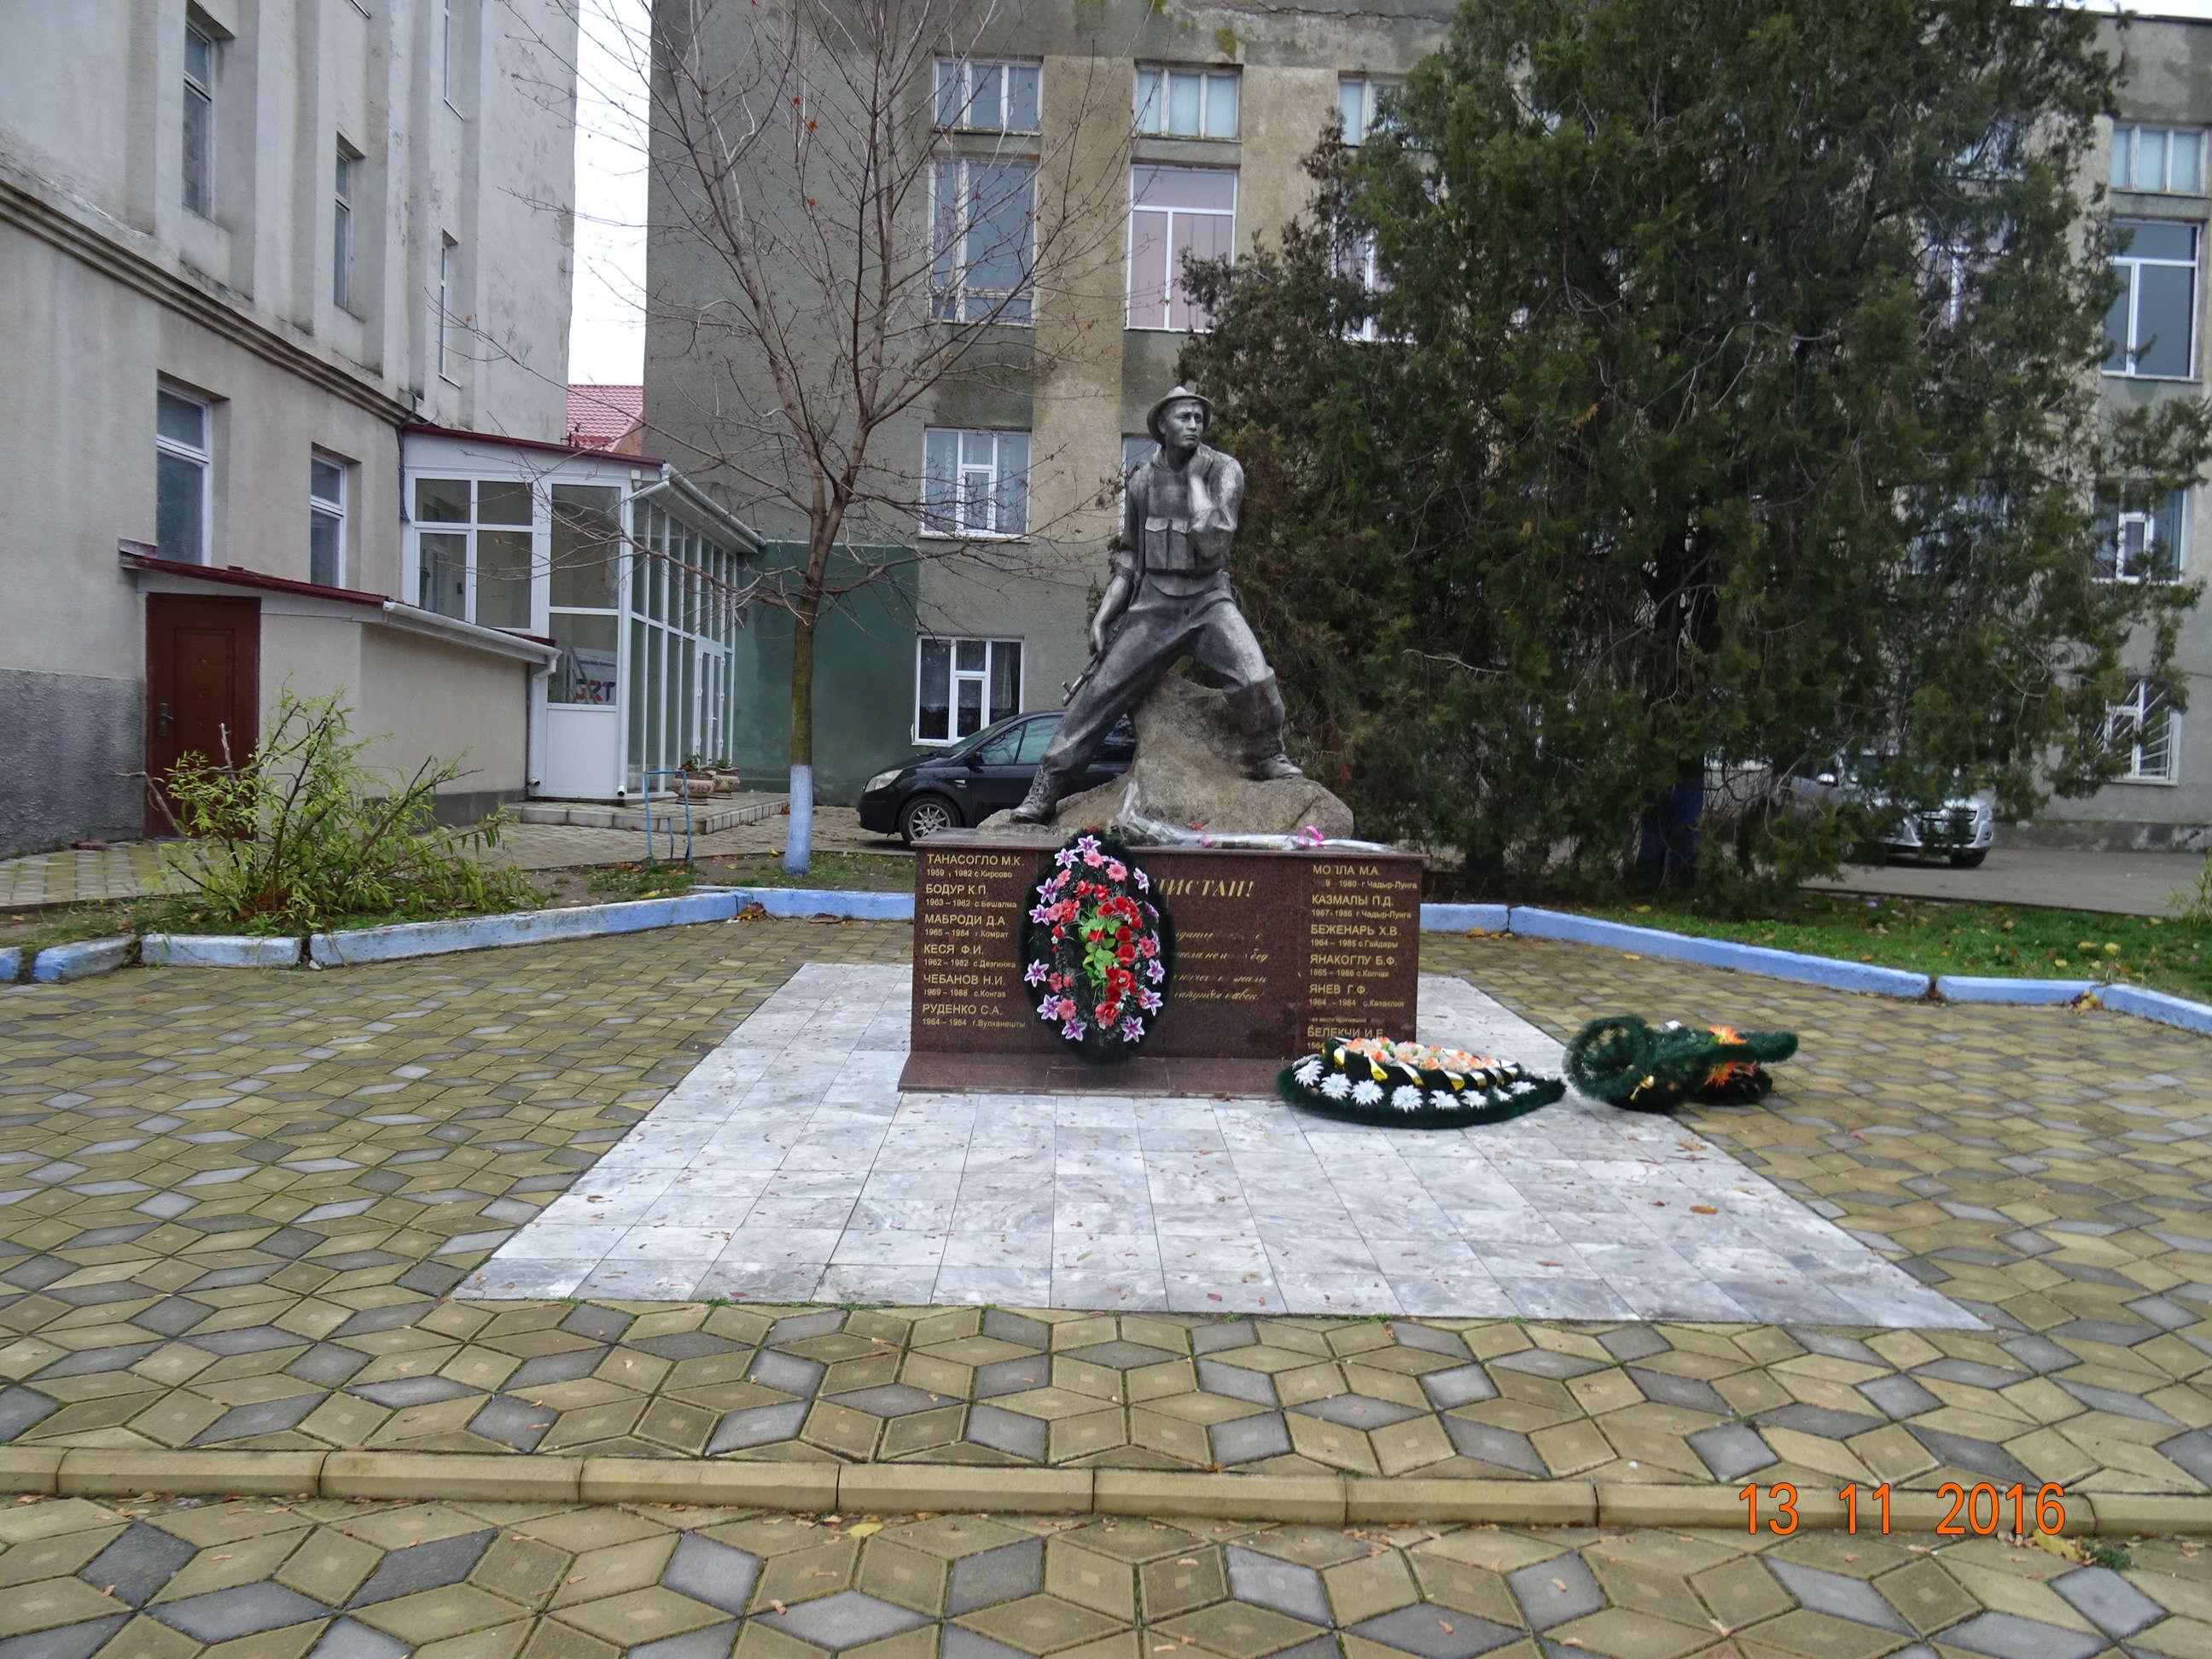 Valorile moștenite din vremea URSS sunt foarte puternice, după cum o dovedește și monumentul găgăuzilor căzuți în războiul din Afganistan (1979 - 1989)